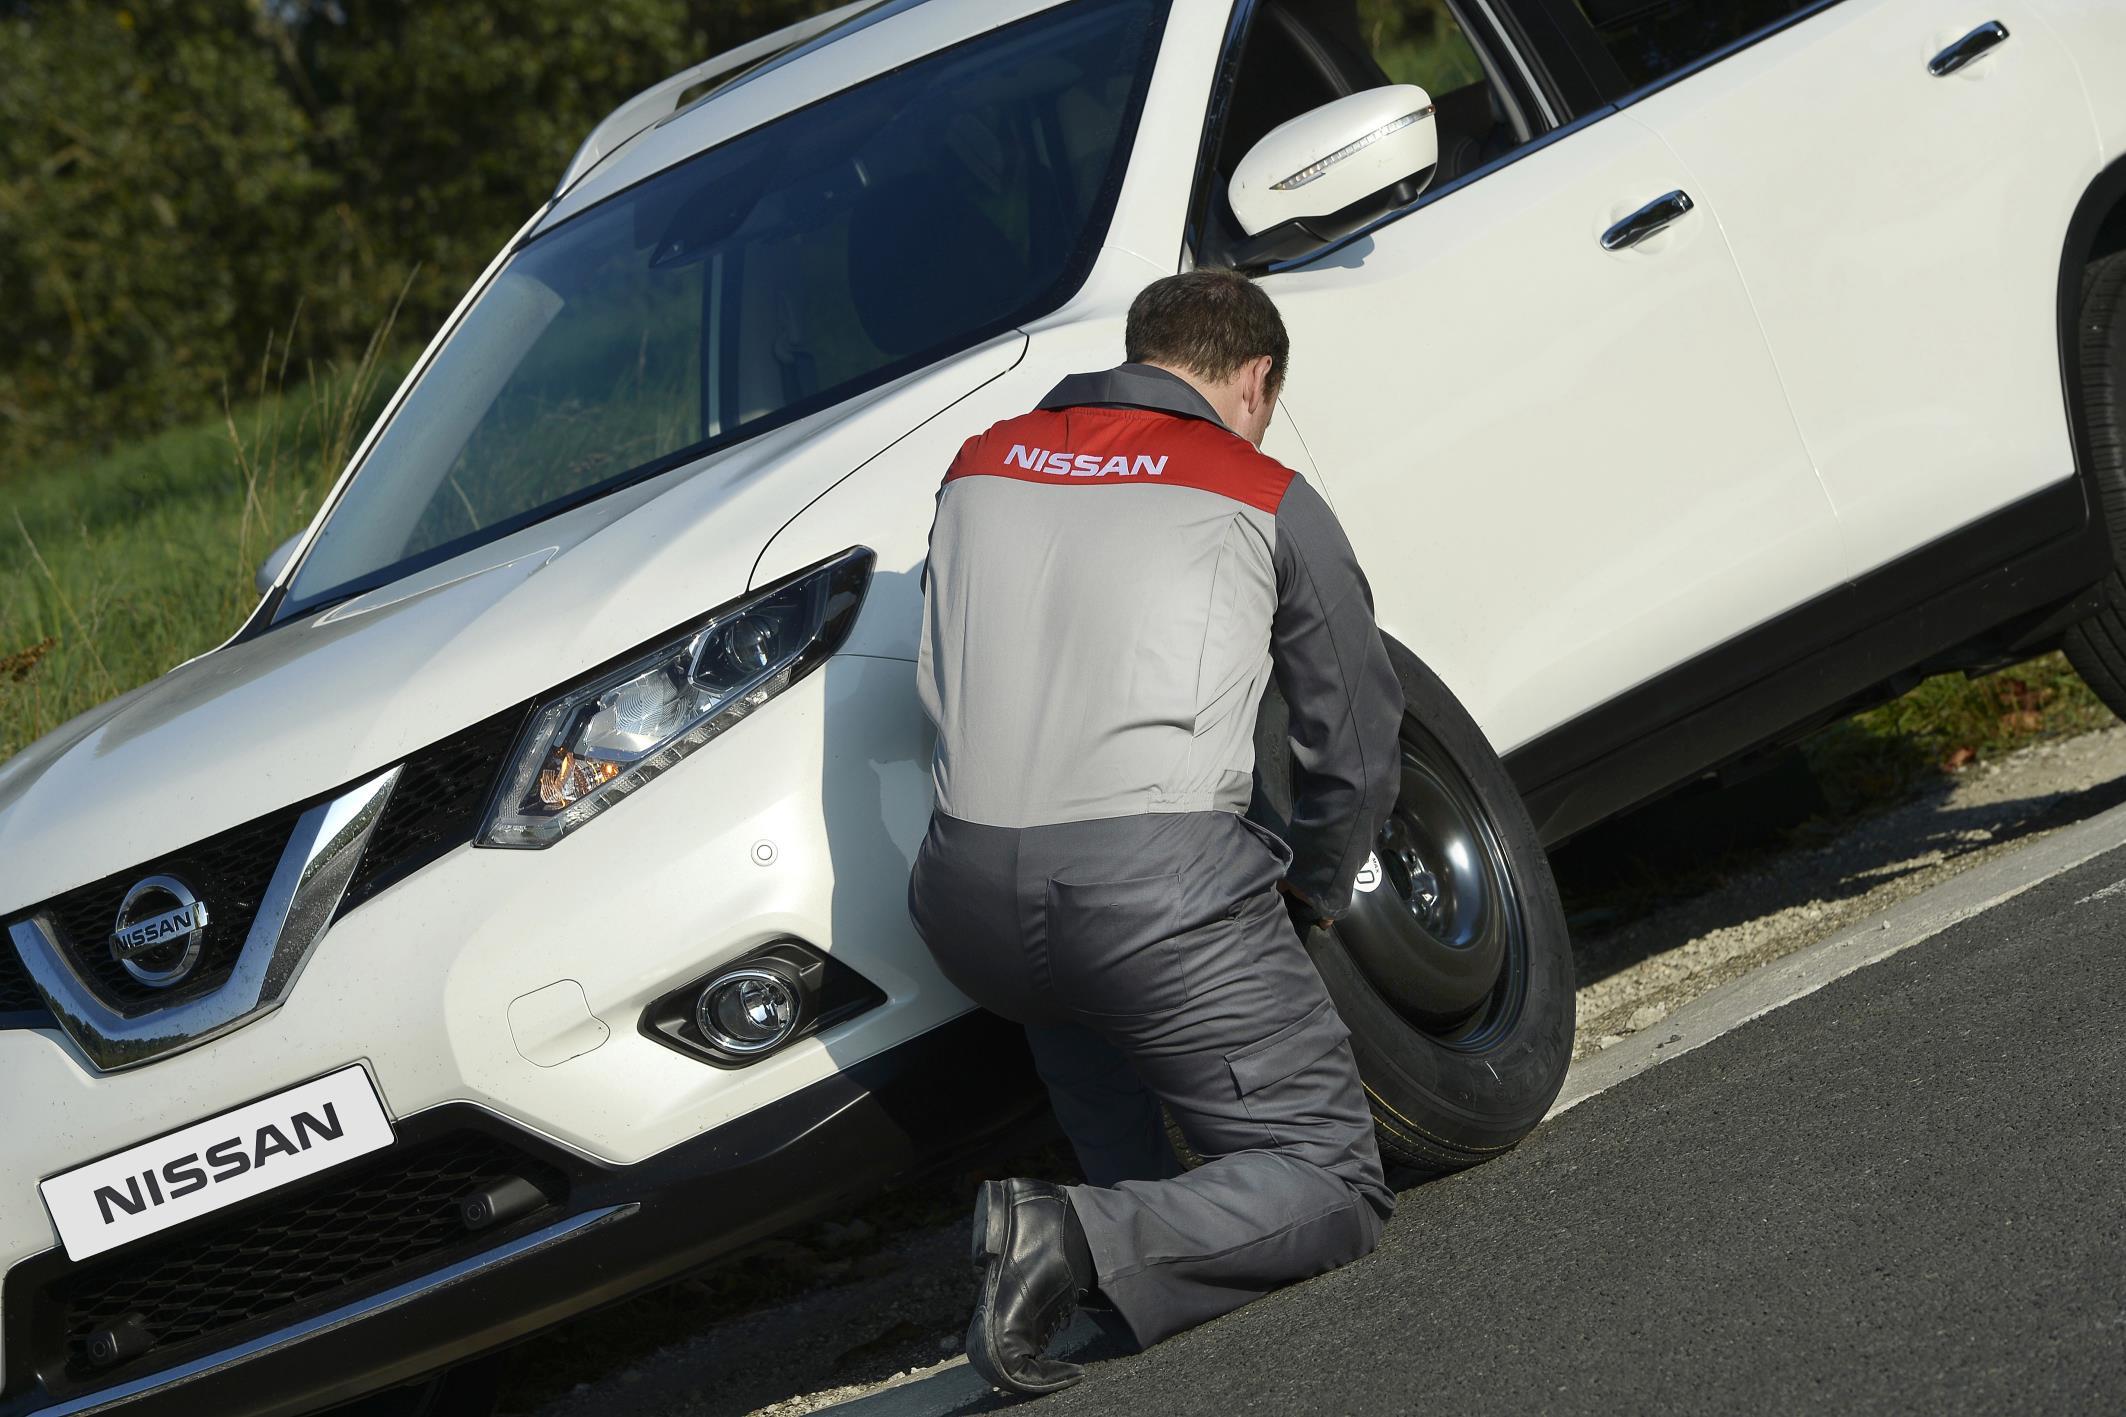 Nissan breakdown